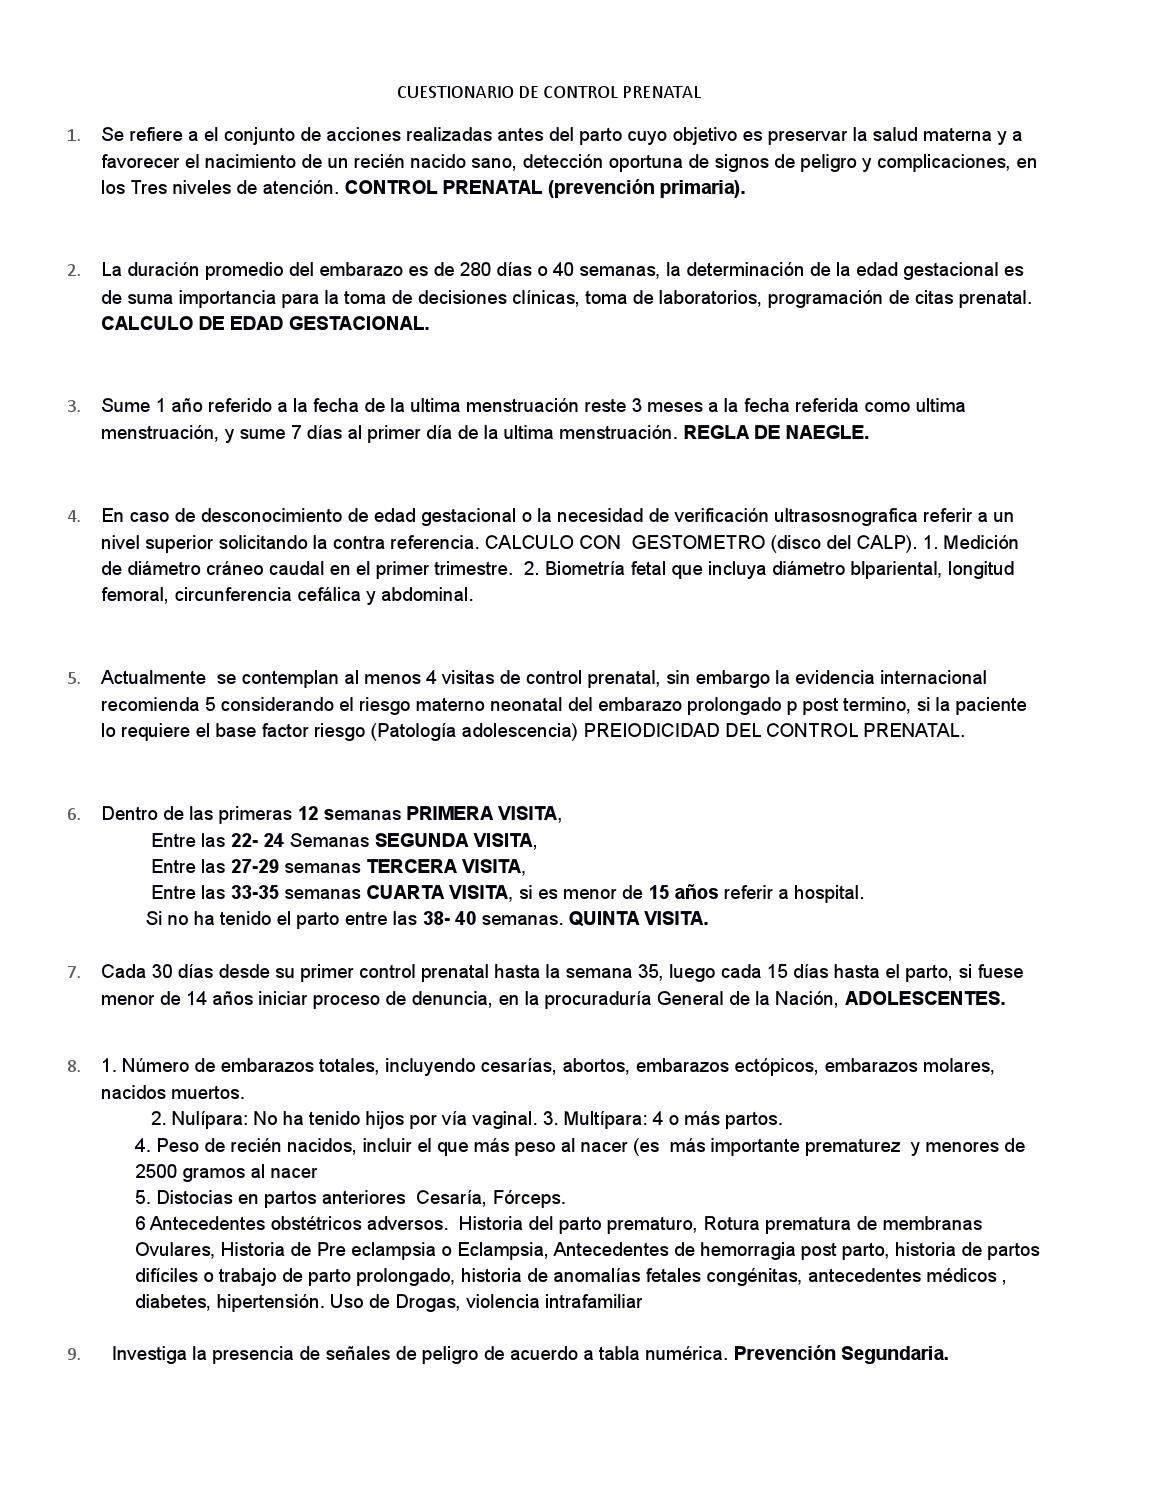 Cuestionario de control prenatal by maribely_arenas - issuu